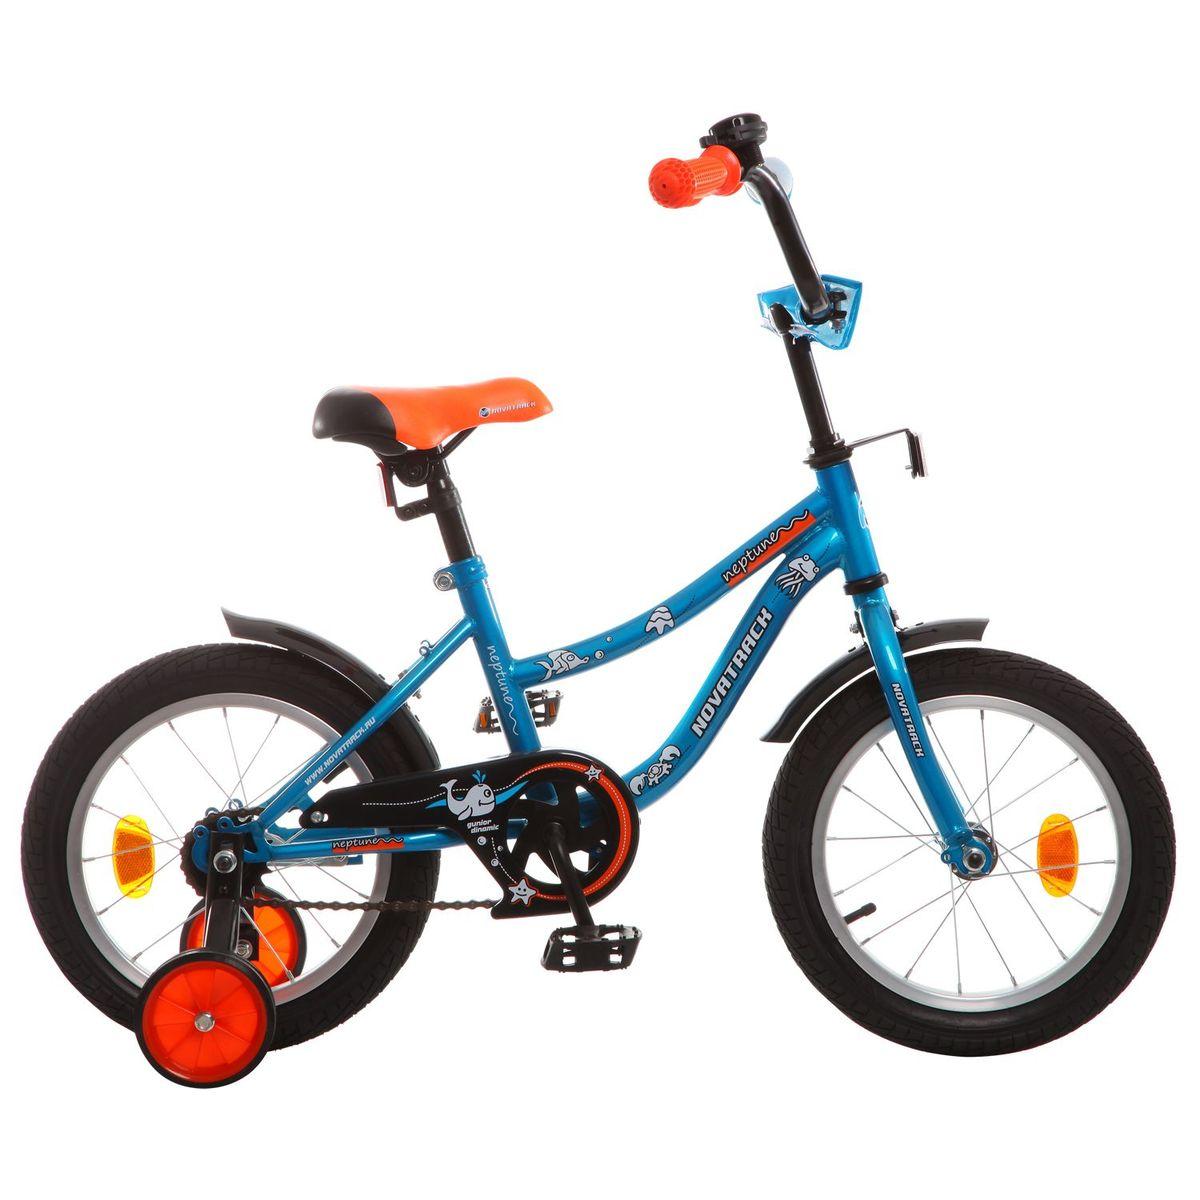 Велосипед детский Novatrack Neptune, цвет: синий, оранжевый, 16163NEPTUN.BL5Novatrack Neptune – это отличный подарок для ребенка 5-7 лет. Эта модель объединяет в себе привлекательный дизайн, легкость, отличную управляемость и универсальность. Ваш ребенок будет просто счастлив, став обладателем такой замечательной техники. Велосипед полностью подготовлен для того, чтобы маленьким велосипедистам было комфортно и интересно учиться самостоятельно кататься. Яркий дизайн, регулируемые сидение и руль с надежной фиксацией, защита цепи, велосипедный звонок, мягкие накладки на руле, катафоты, стильные укороченные крылья - все продумано до мелочей.